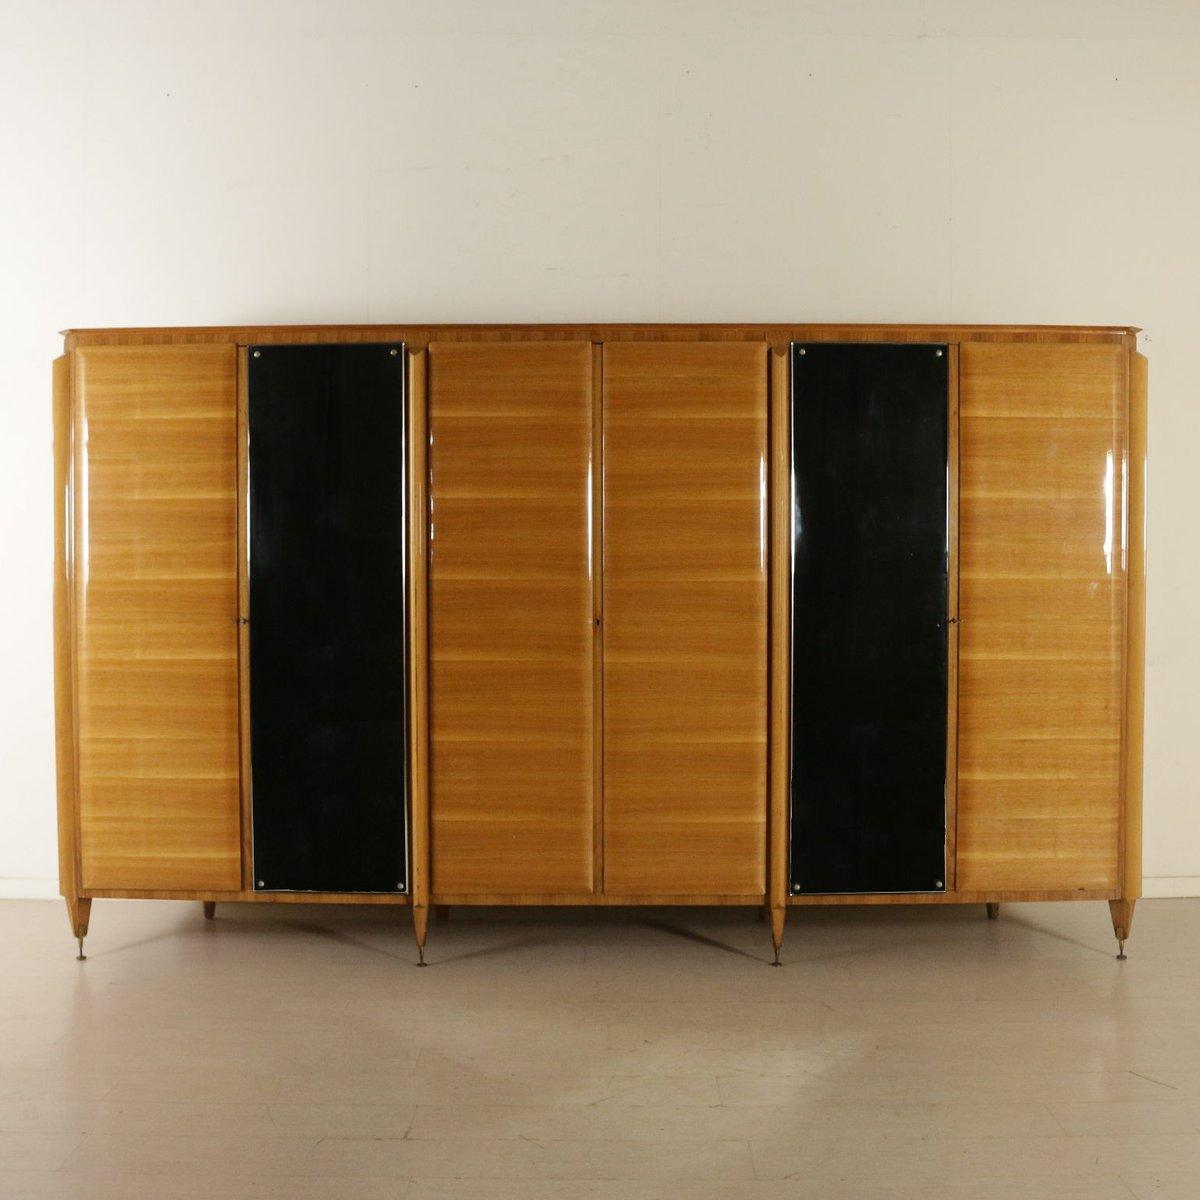 Vintage Walnuss Furnier Kleiderschrank mit Spiegel und Sechs Türen